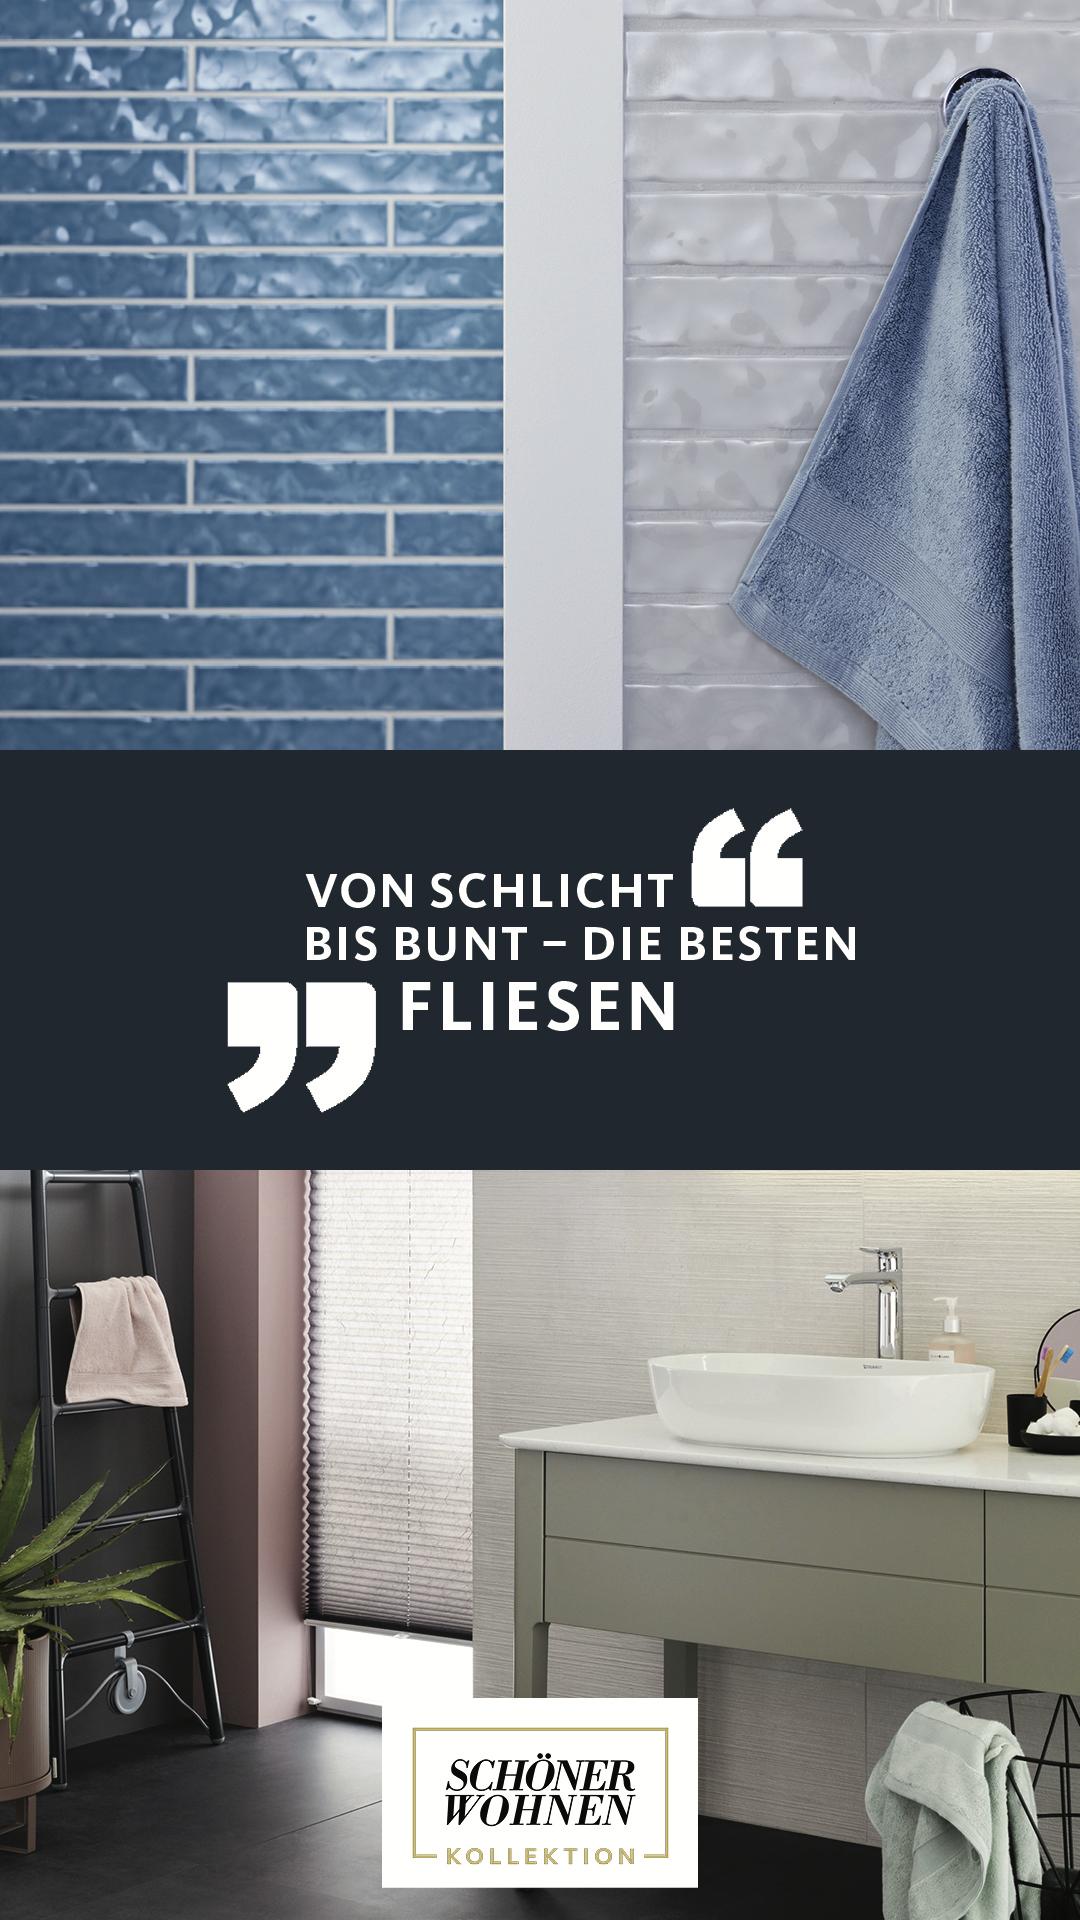 Fliesen Inspiration Ideen Badezimmer Bodenfliesen Schoner Wohnen Kollektion In 2020 Bodenfliesen Schoner Wohnen Fliesen Fliesen